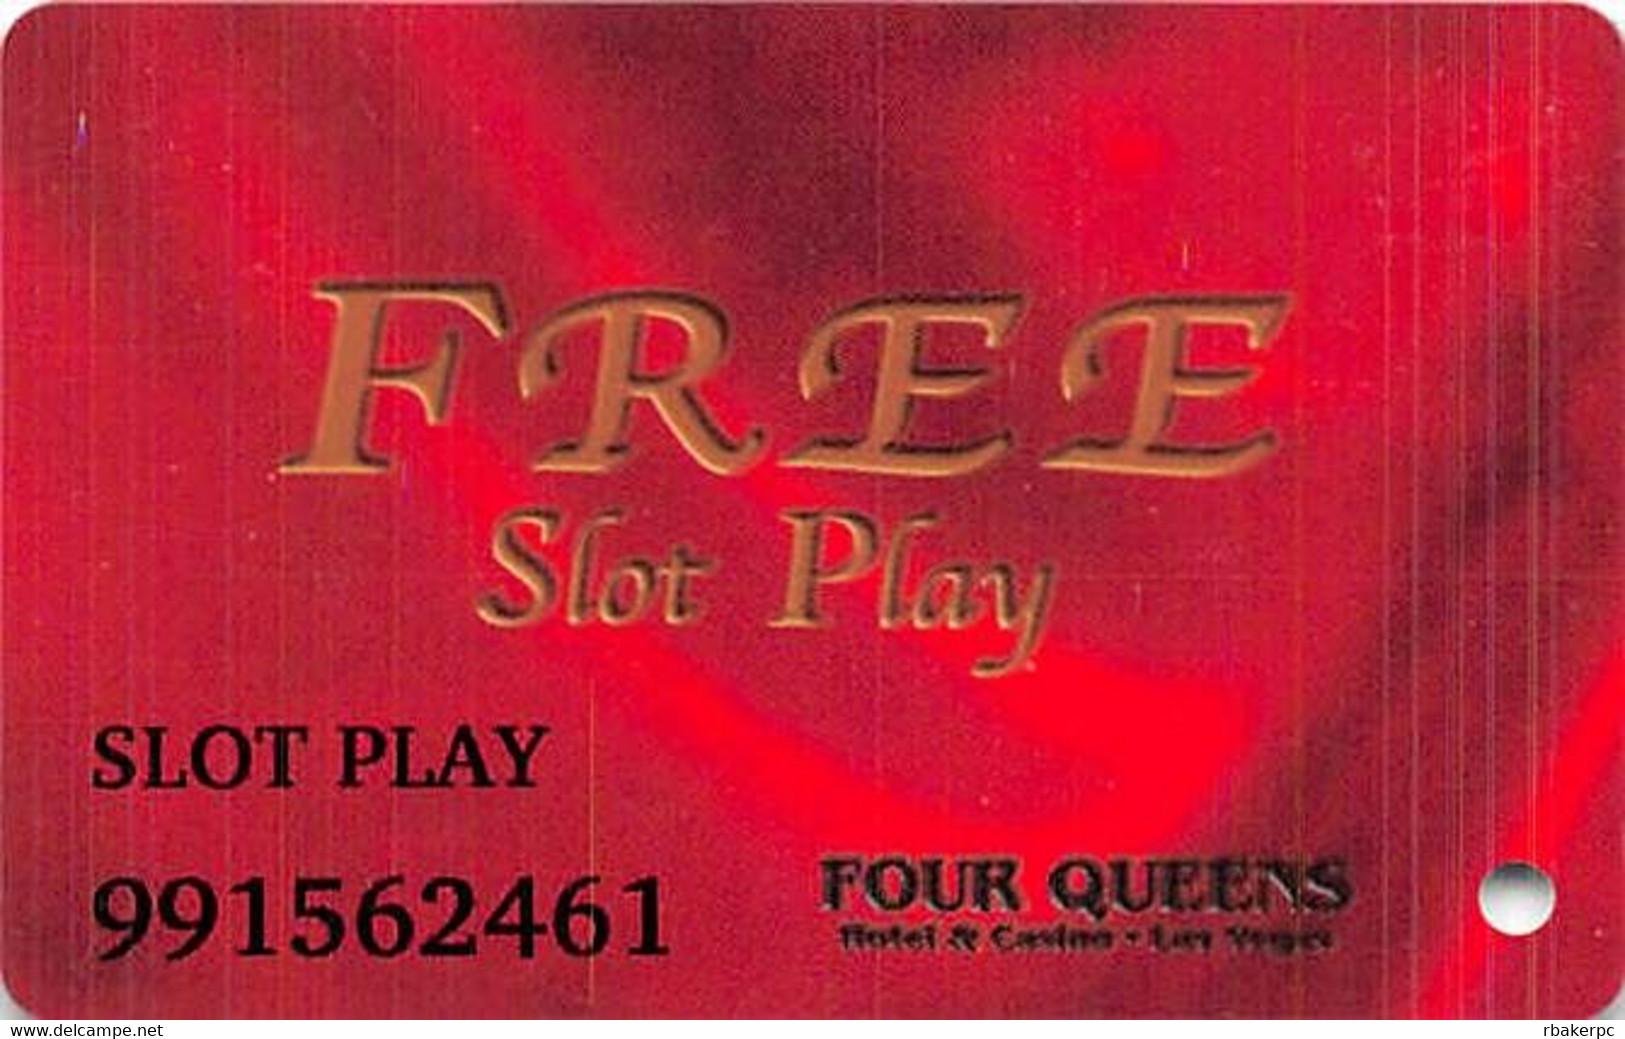 Four Queens Casino - Las Vegas, NV - Free Slot Play Card With ABLECARD.COM - Casino Cards